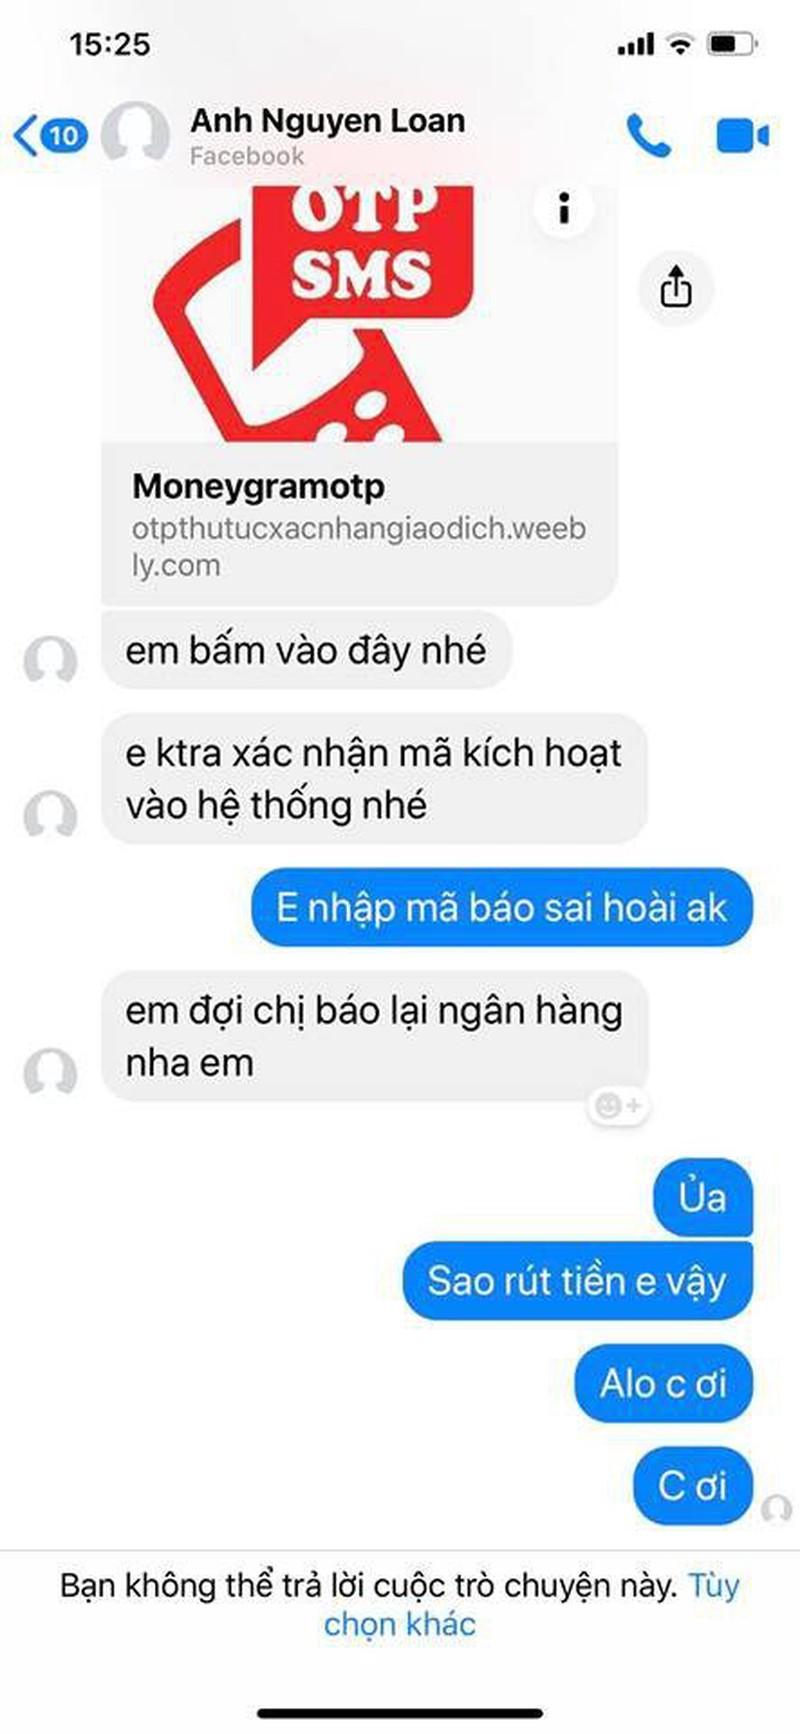 6 thu nguy hai ban can xoa bo ngay khoi Facebook cua minh-Hinh-5